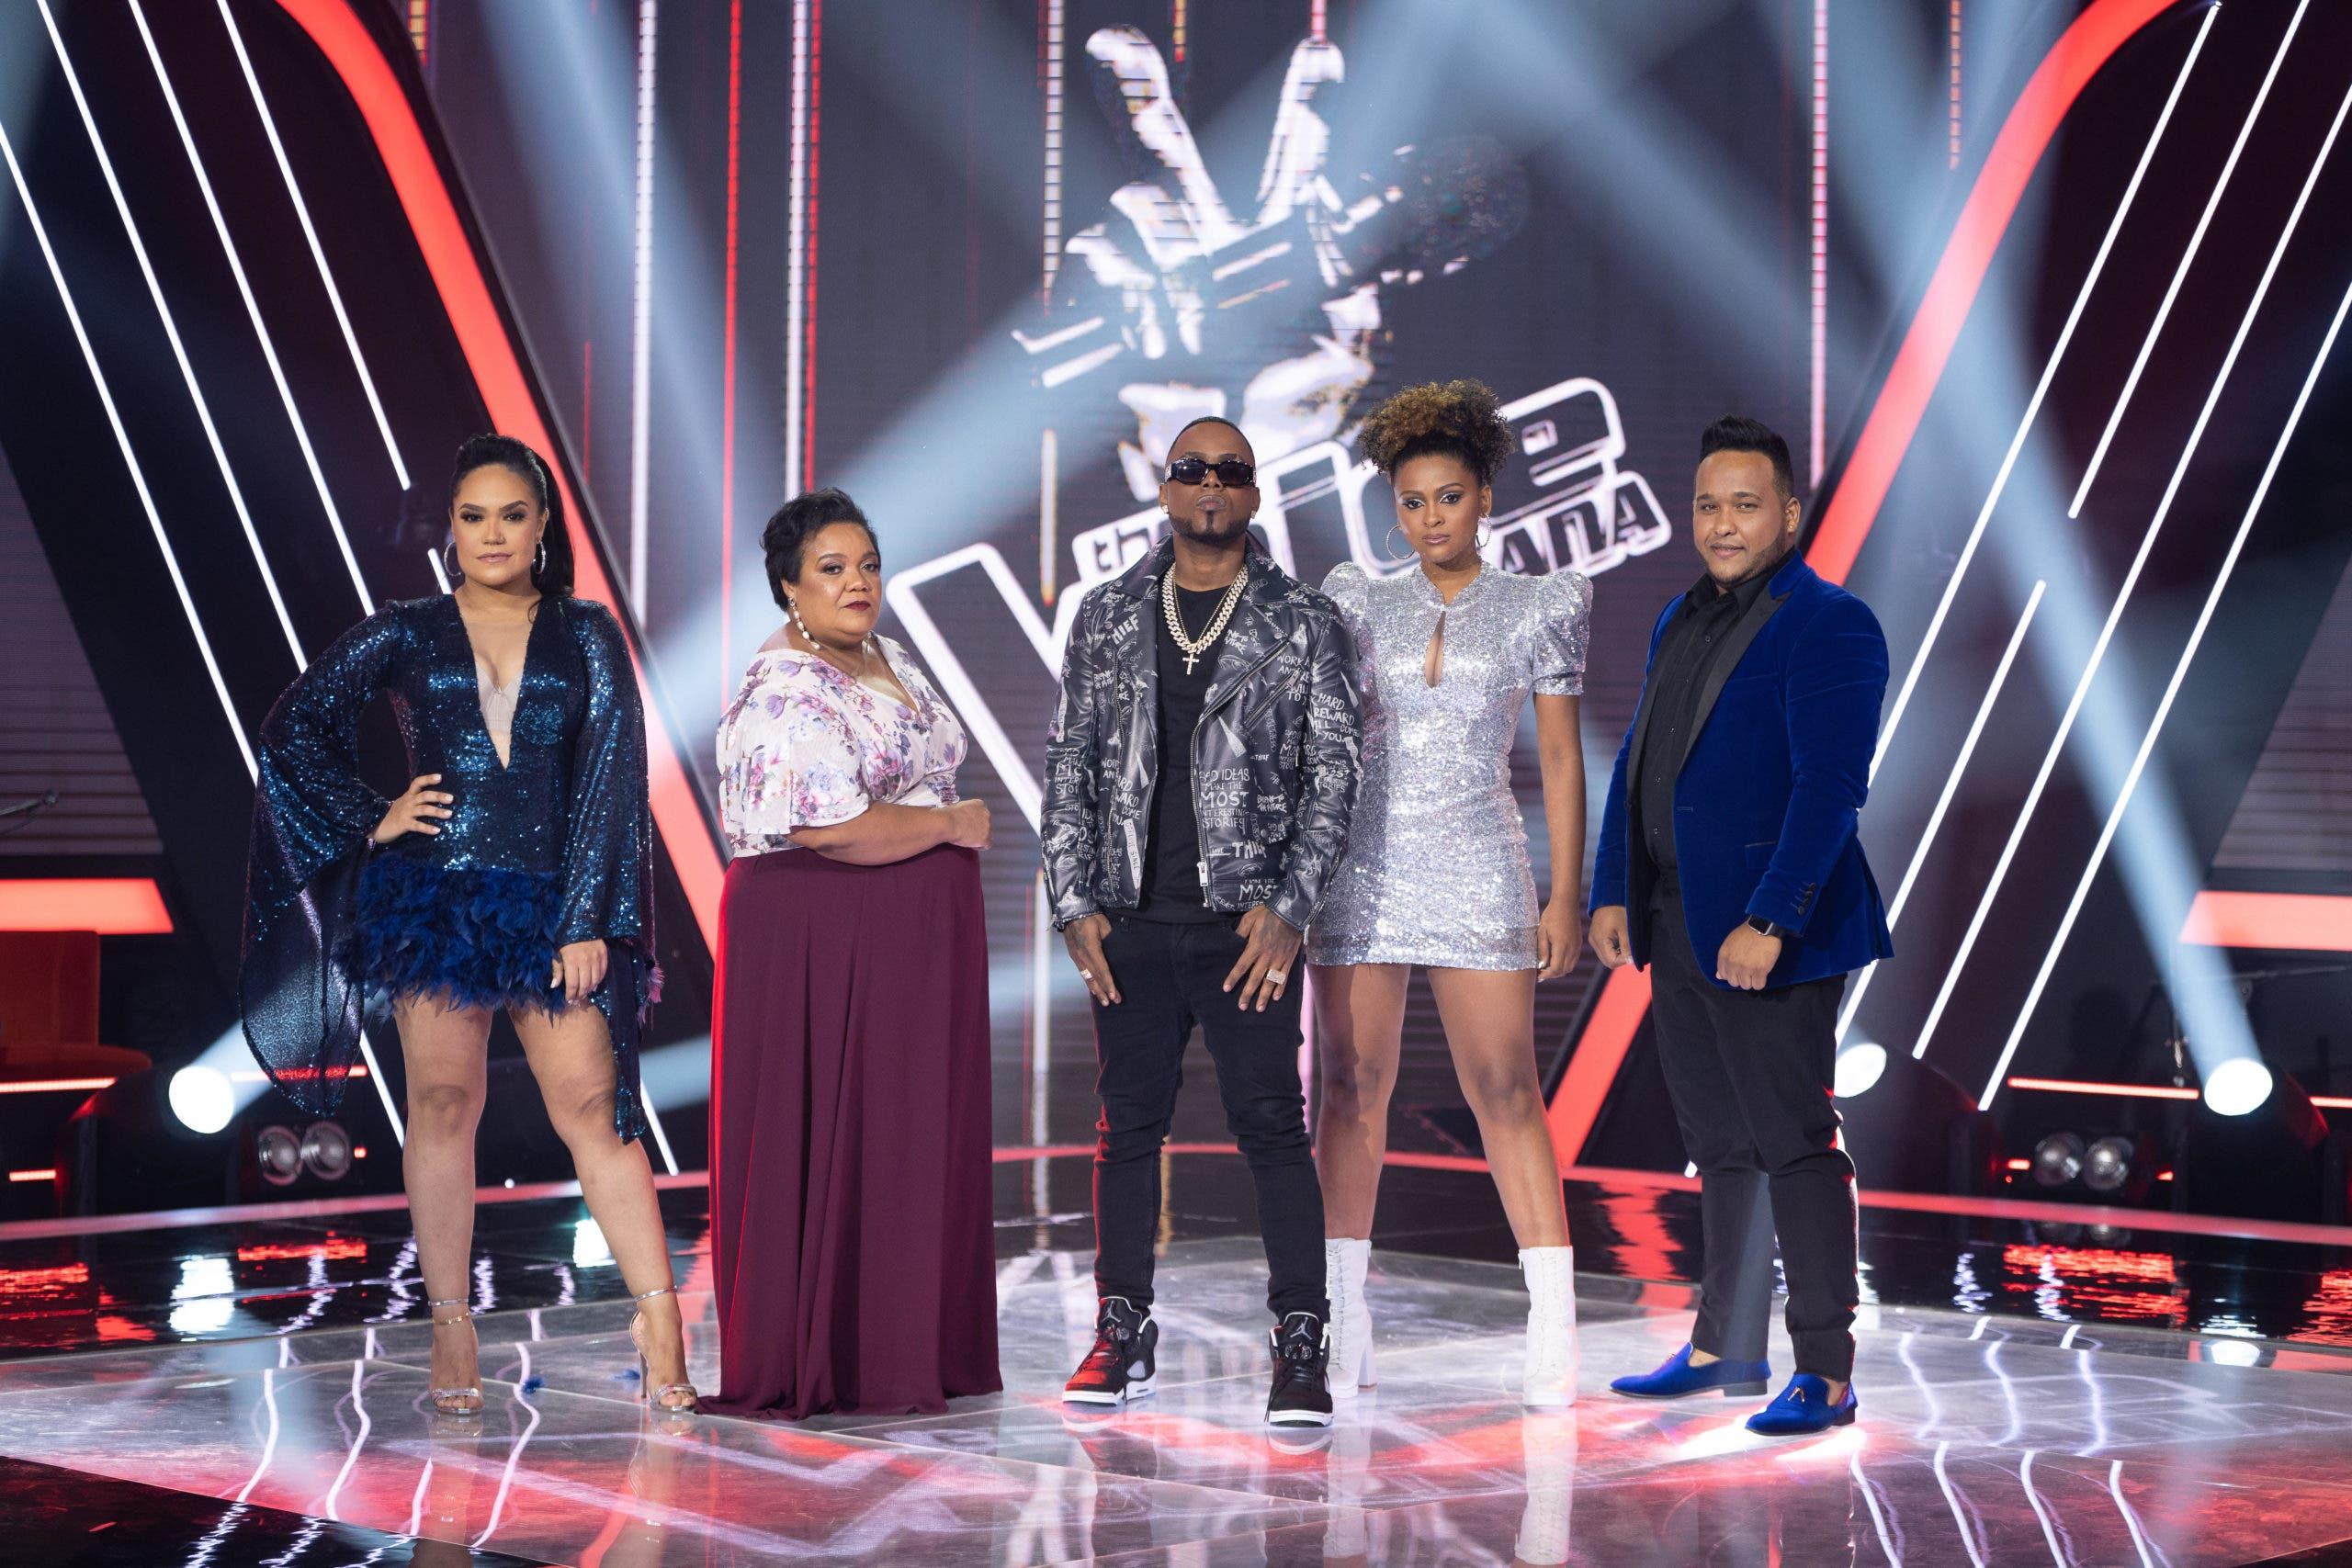 El público decidió los 12 participantes  que continúan en The Voice Dominicana